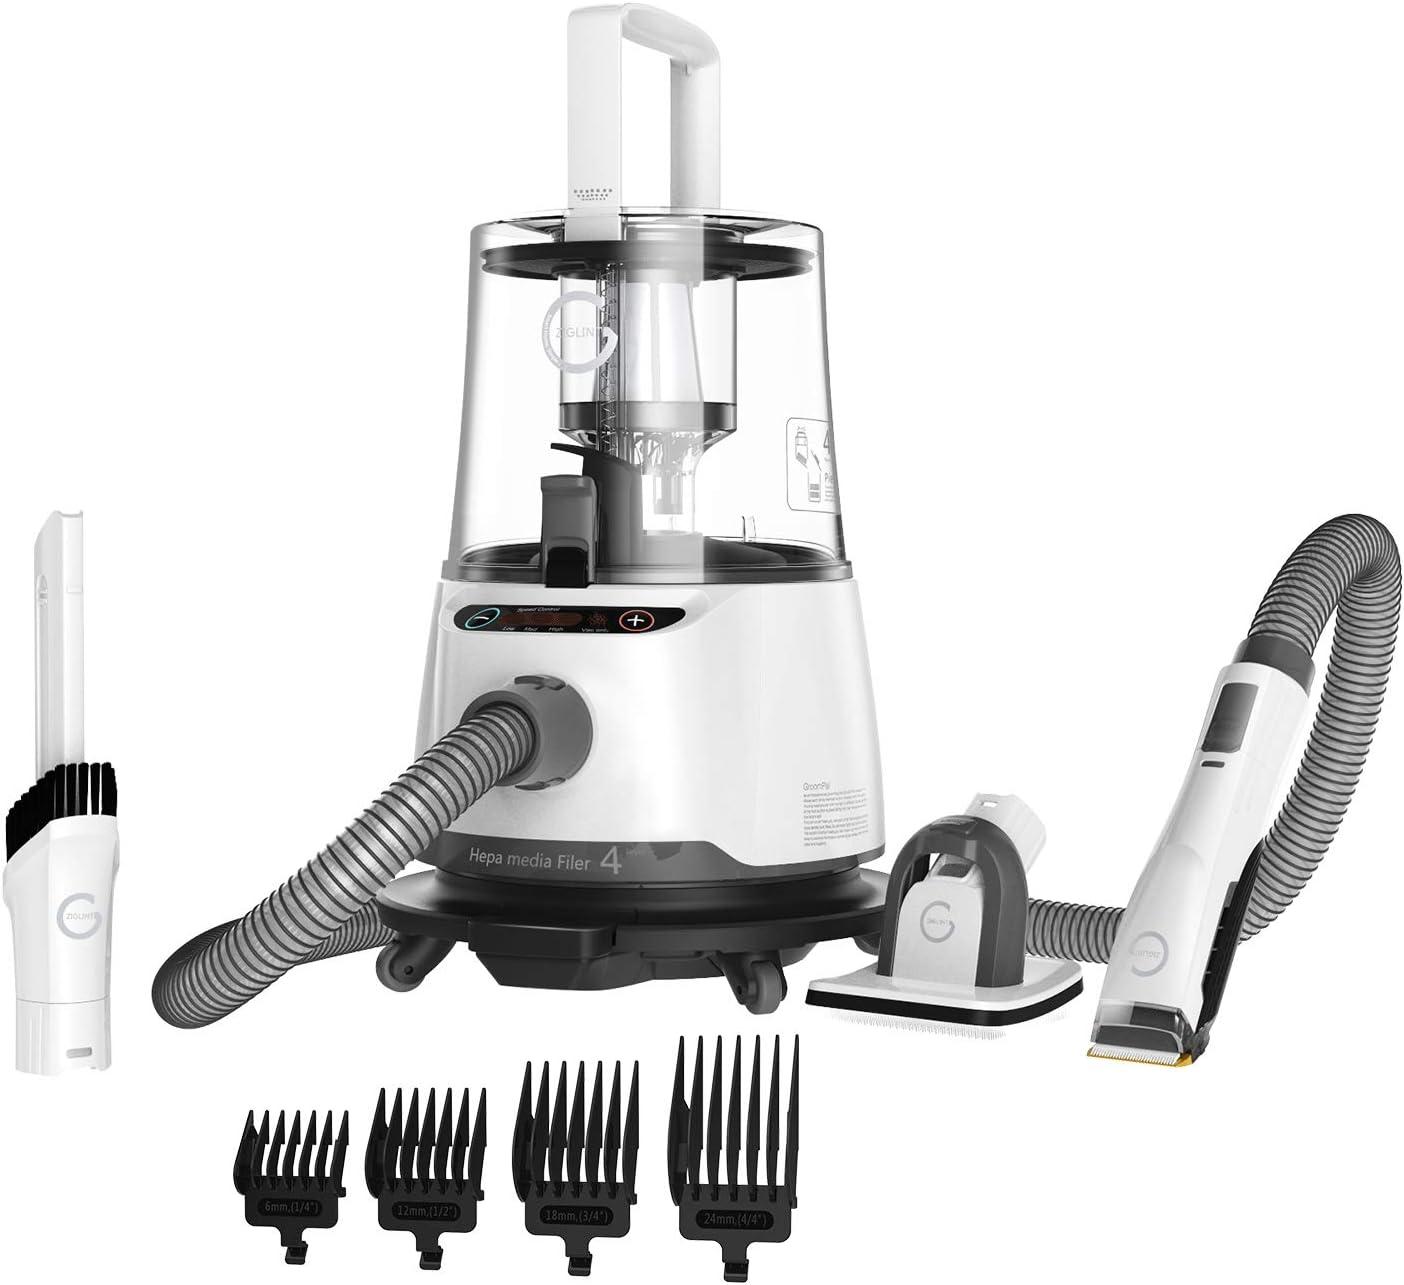 ZIGLINT Maquina de Esquilar Eléctrica Aspirador de Mano 2 en 1 P20 Especail Mascotas Esquiladora Trasquilar peladora, Aspirador Líquido y Sólido,Hogar, pelos de Perro y Gato,4 Tipos de Cuchillas: Amazon.es: Productos para